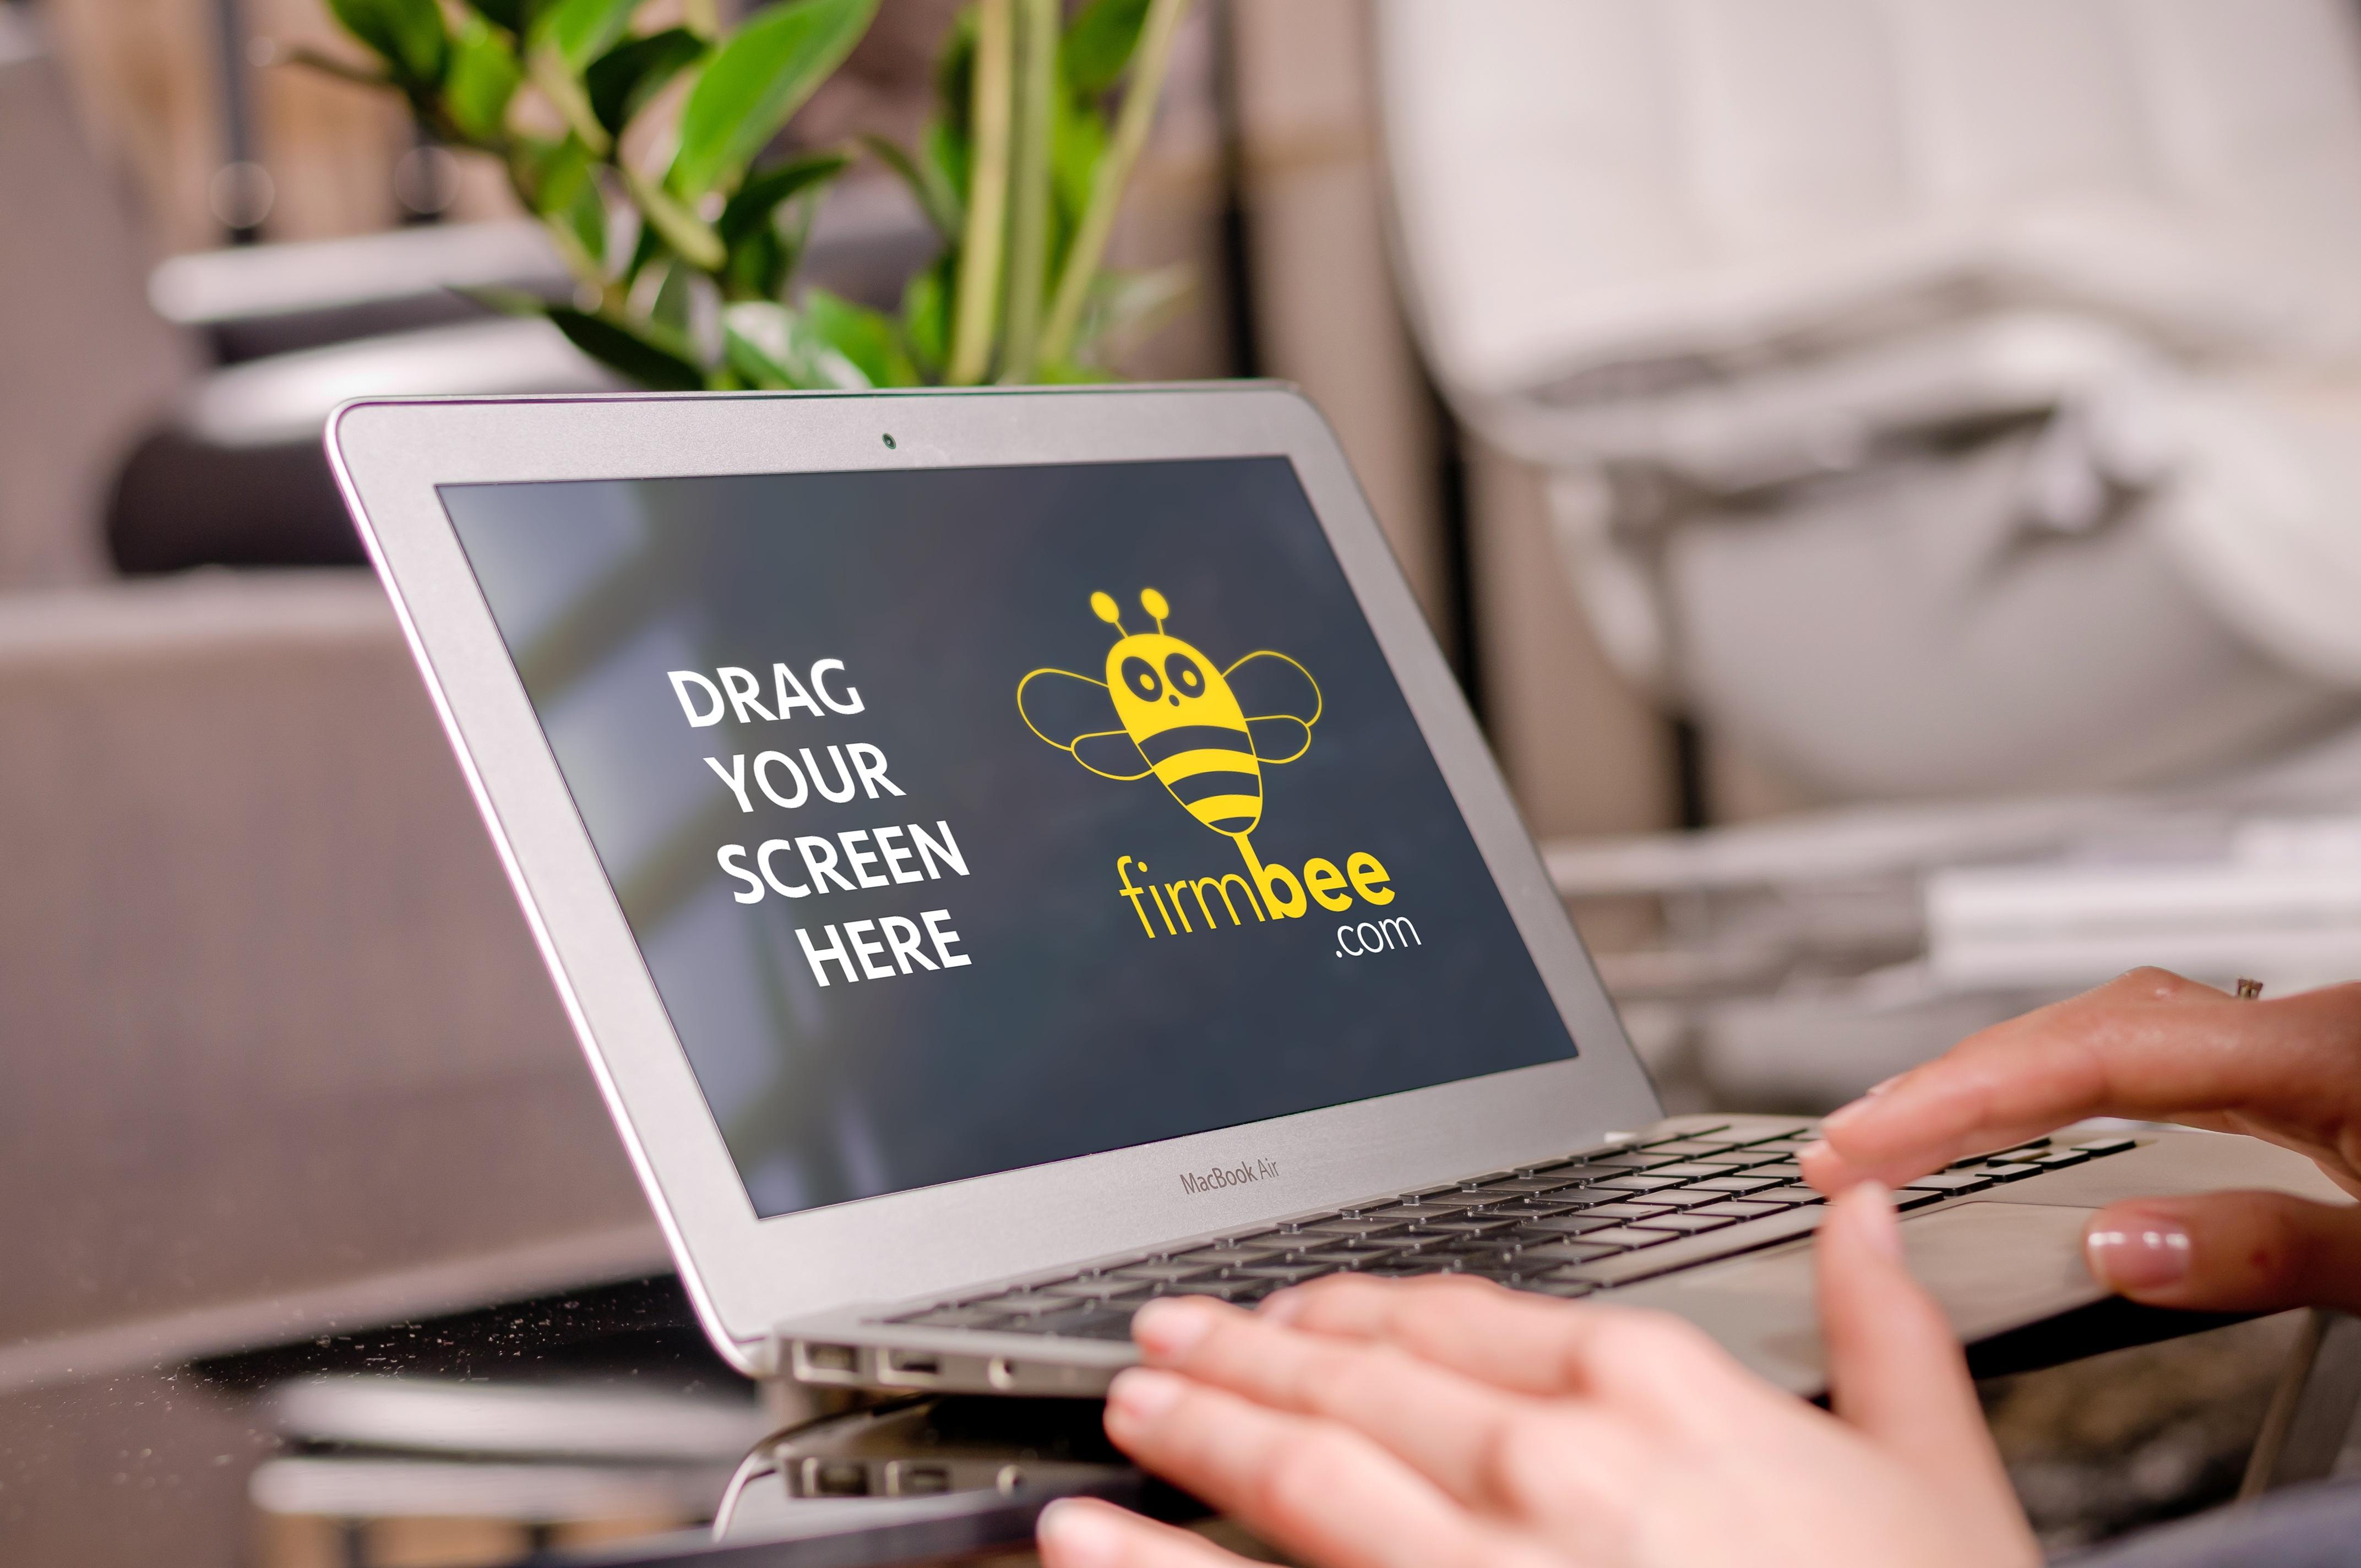 Gambar Laptop meja tulis komputer Mac penulisan kerja tangan apel orang Notepad perusahaan uang kantor alat profesional merek kas bank